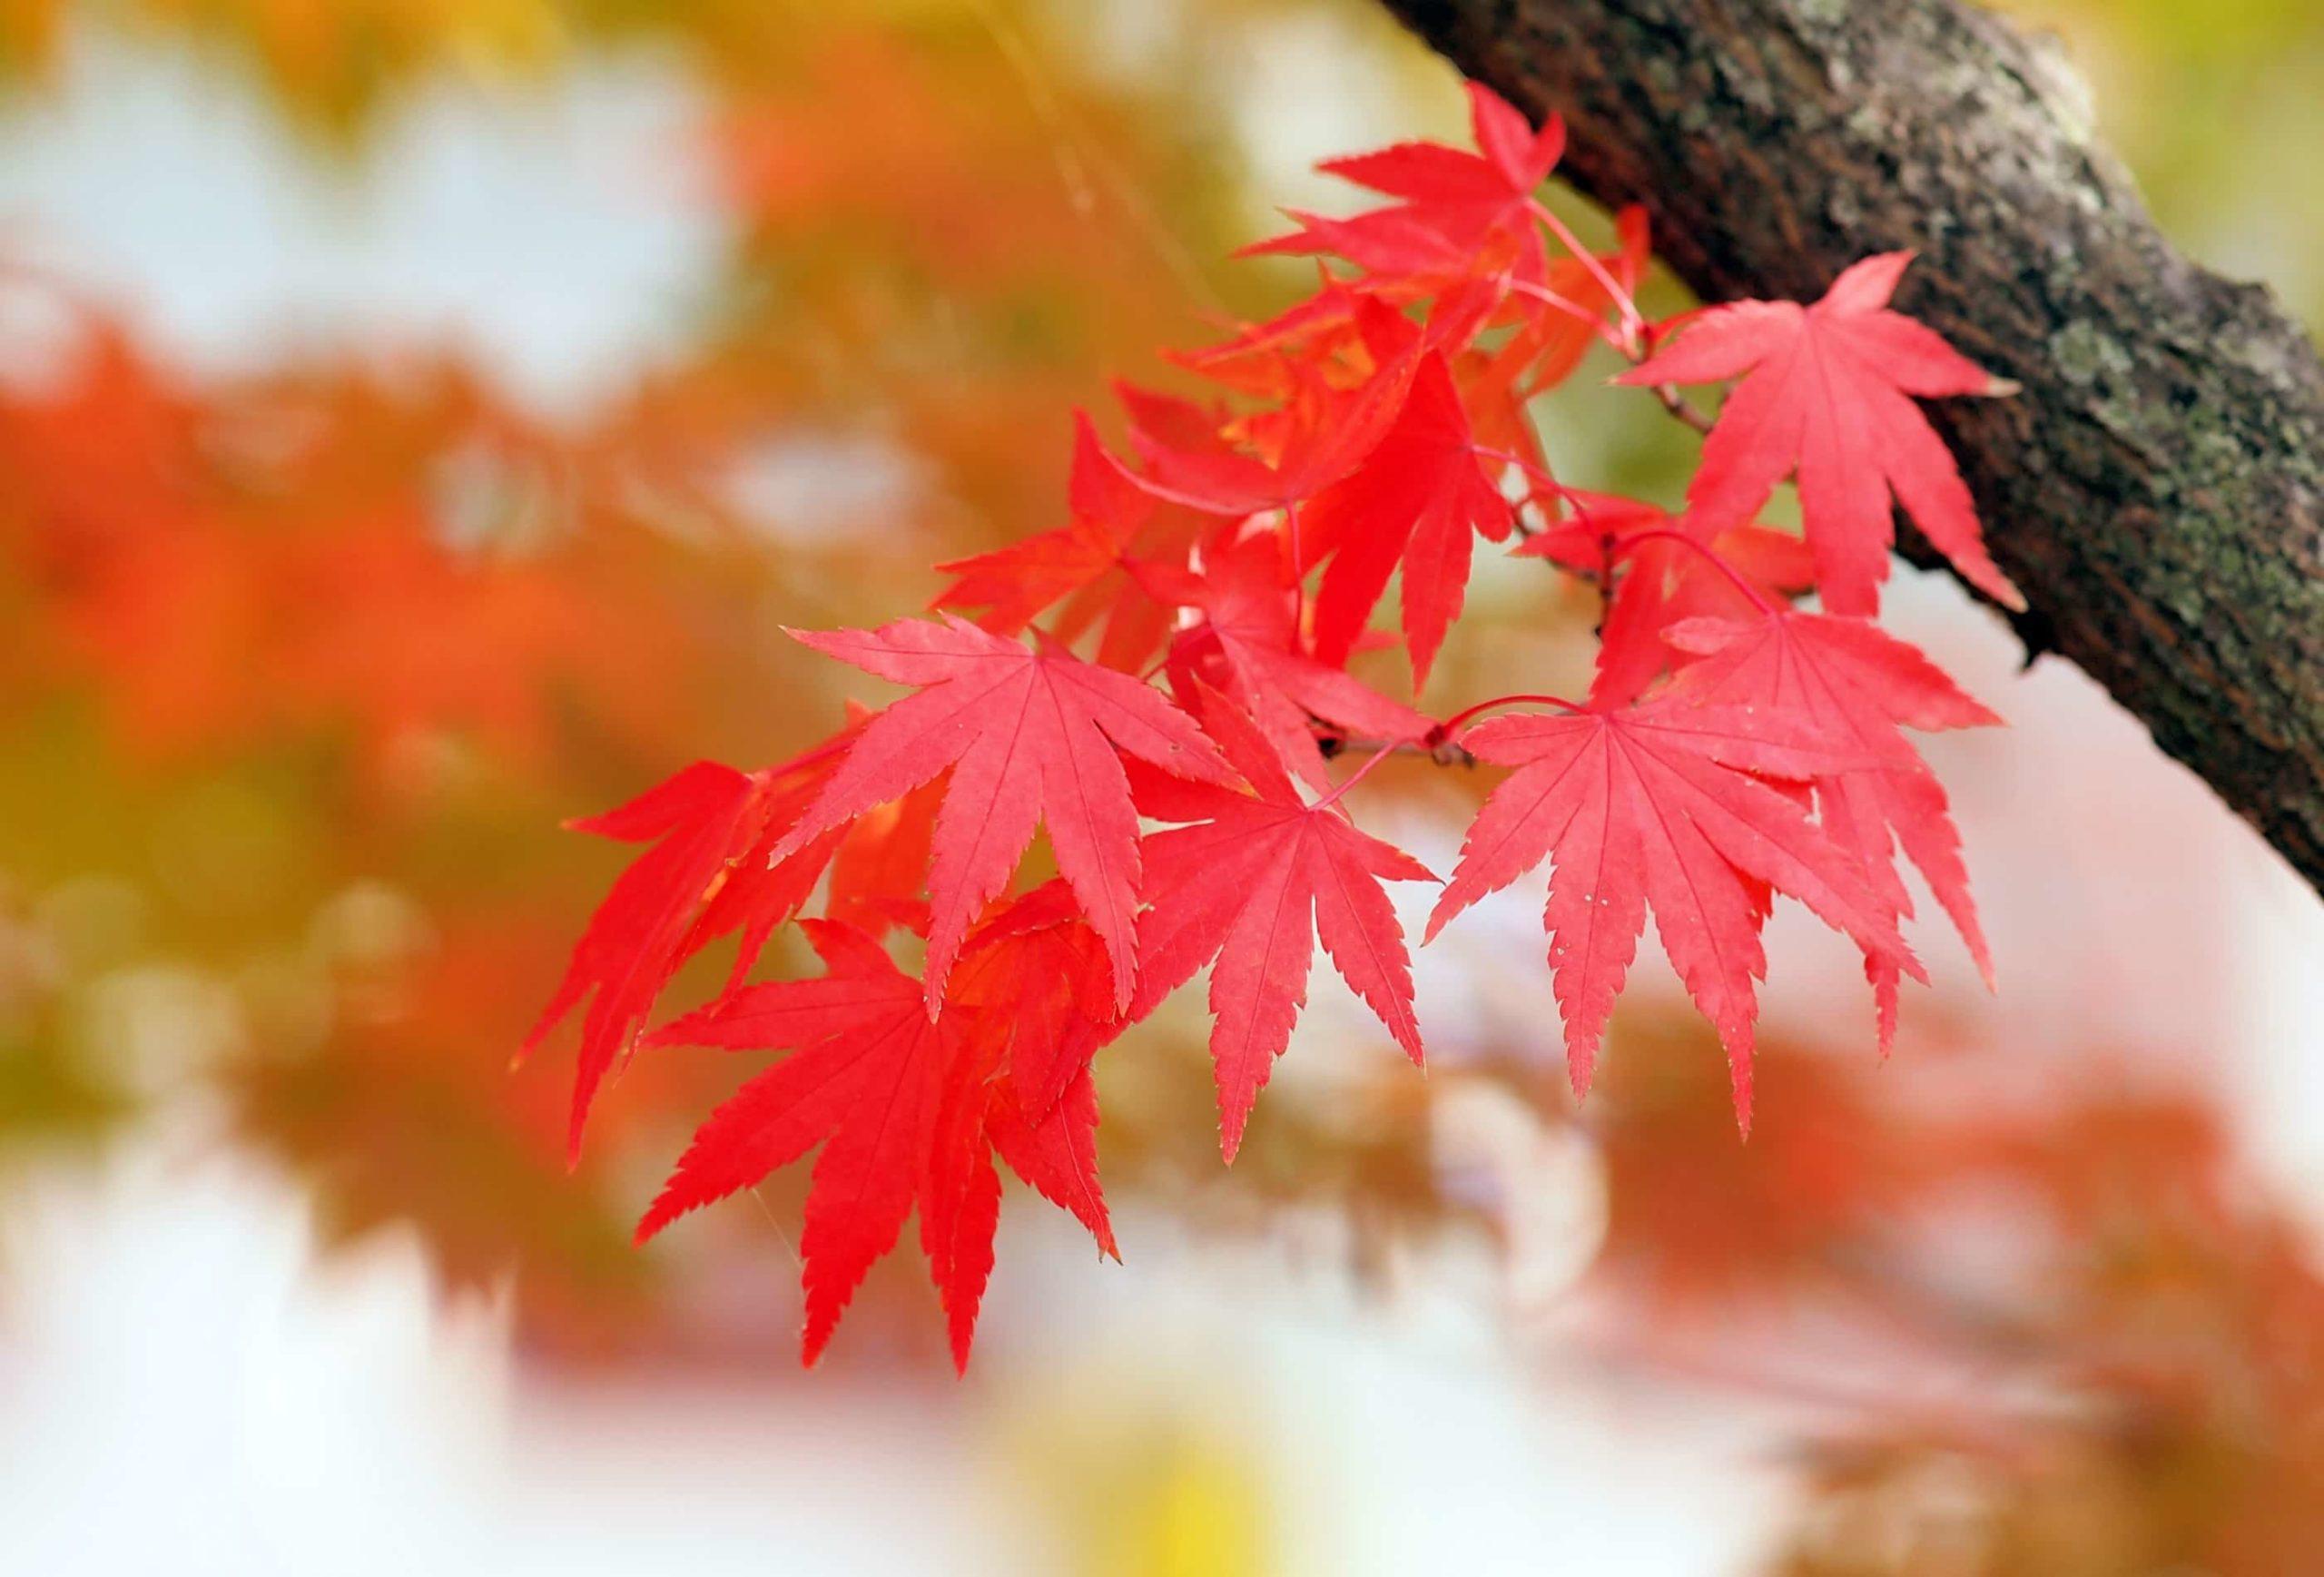 美しい赤に色づく楓の葉